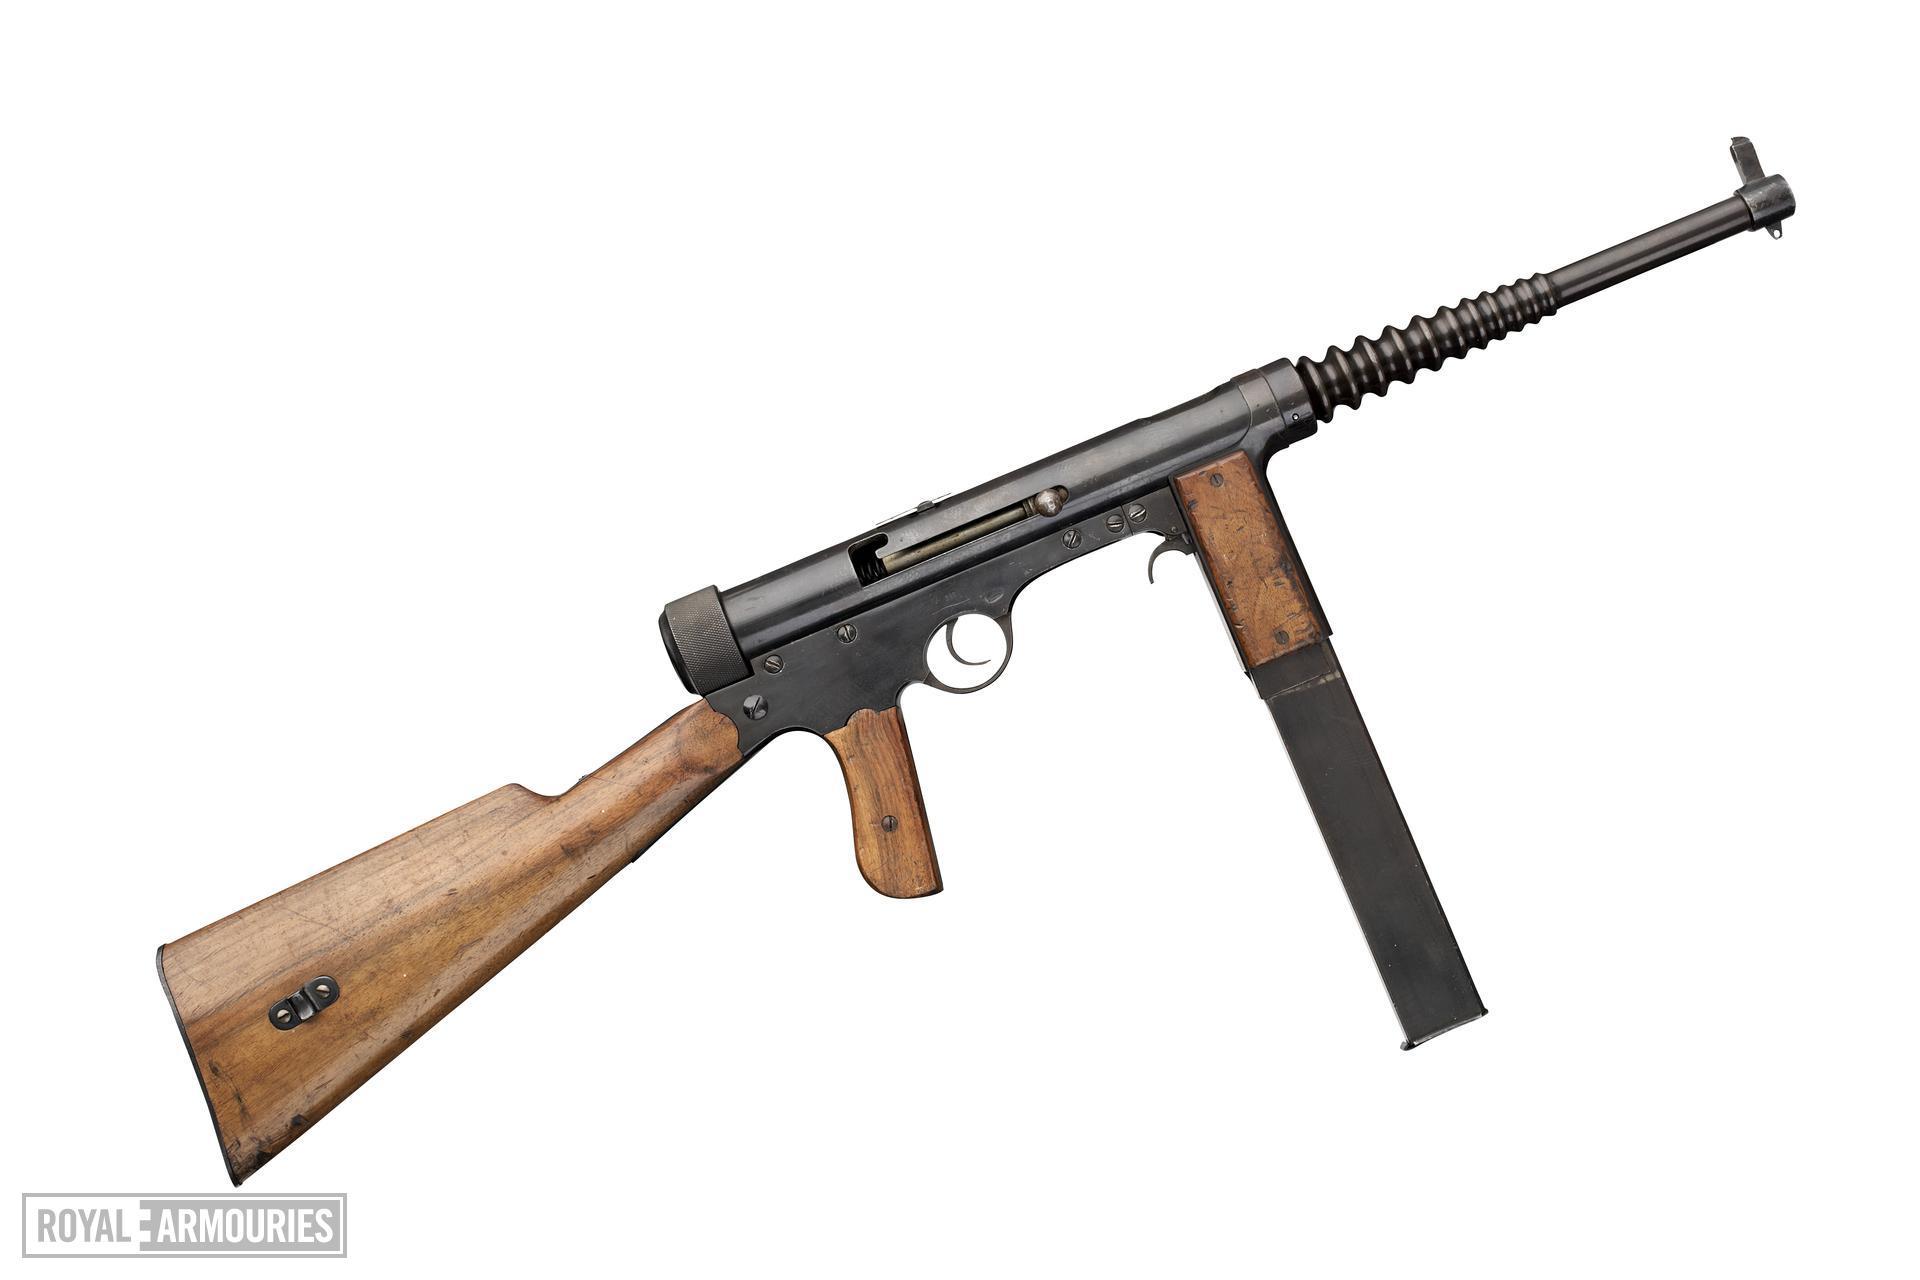 Centrefire automatic submachine gun - Labora